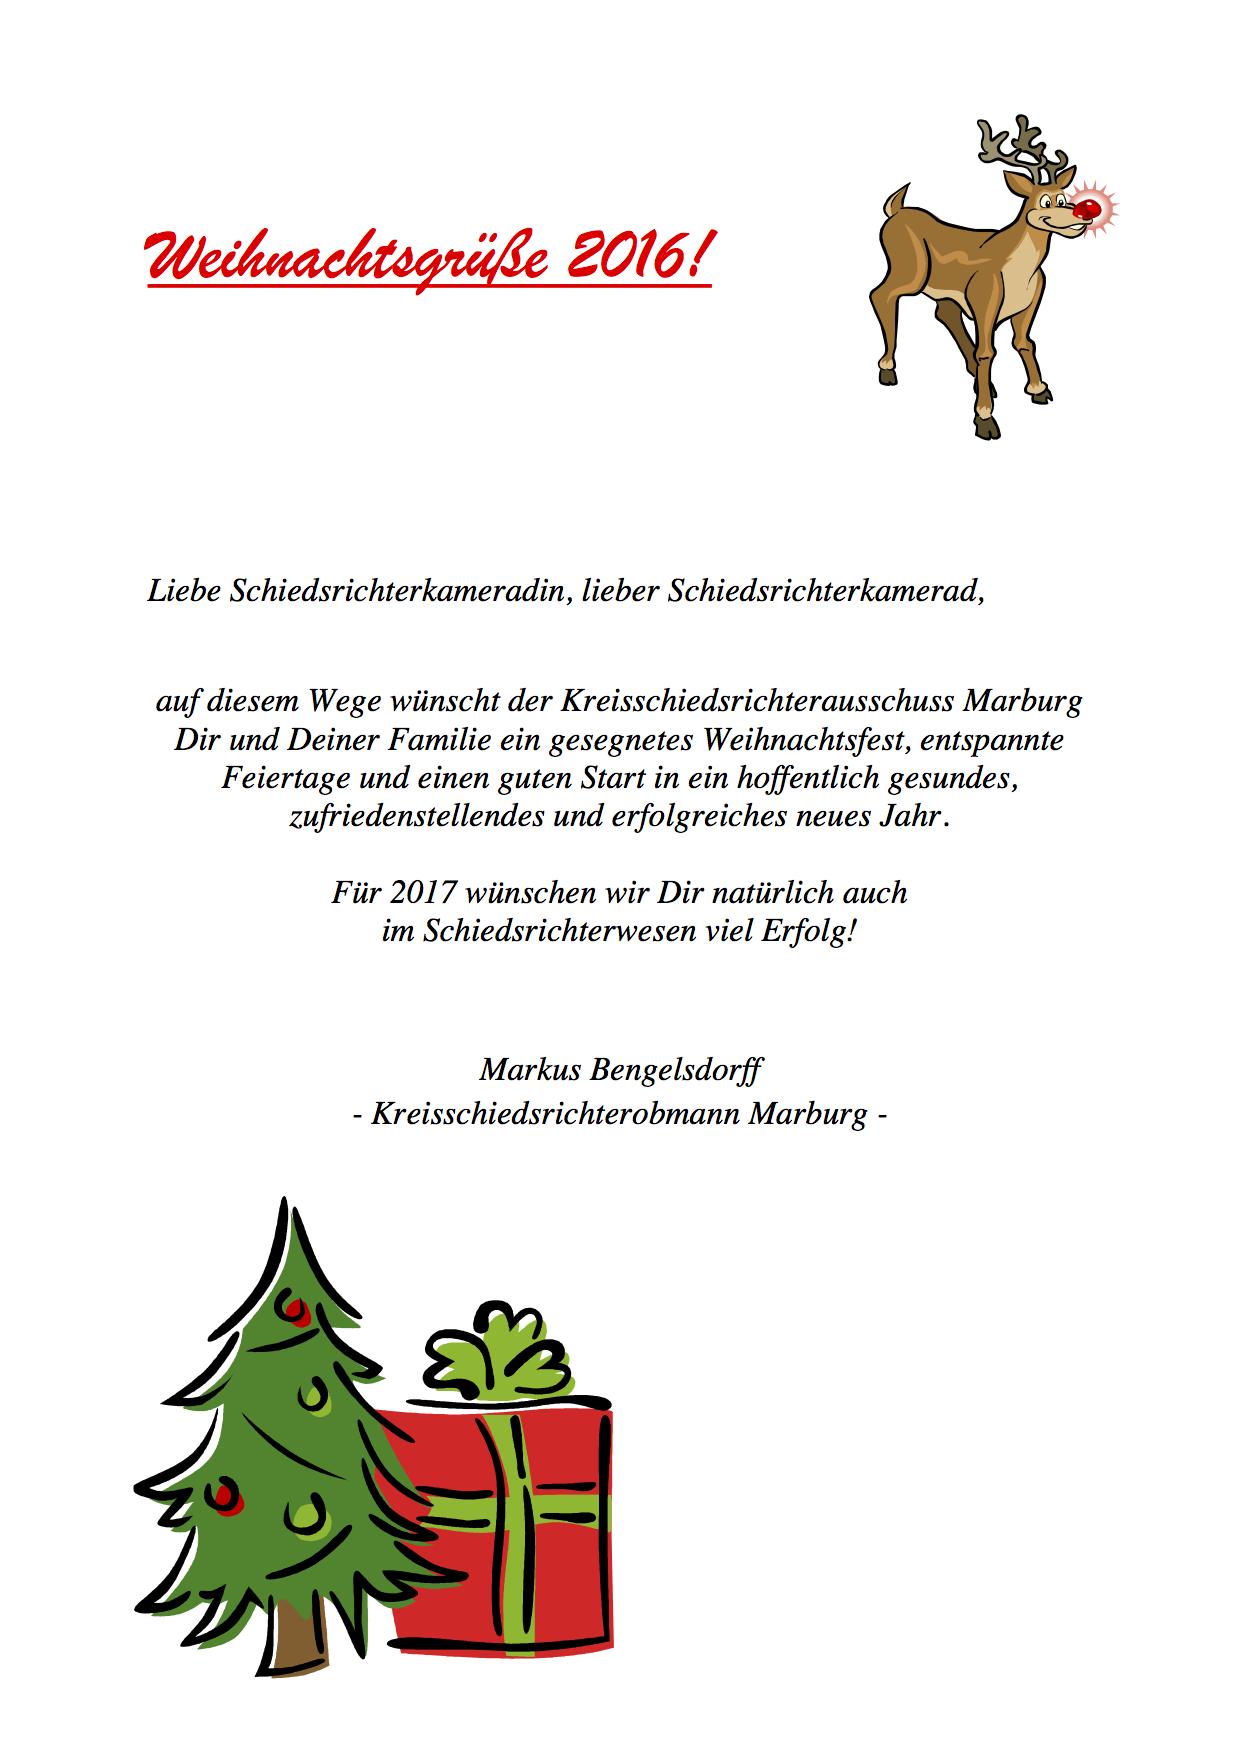 Weihnachtsgrüße Jpg.Weihnachtsgrüße 2016 Schiedsrichtervereinigung Marburg